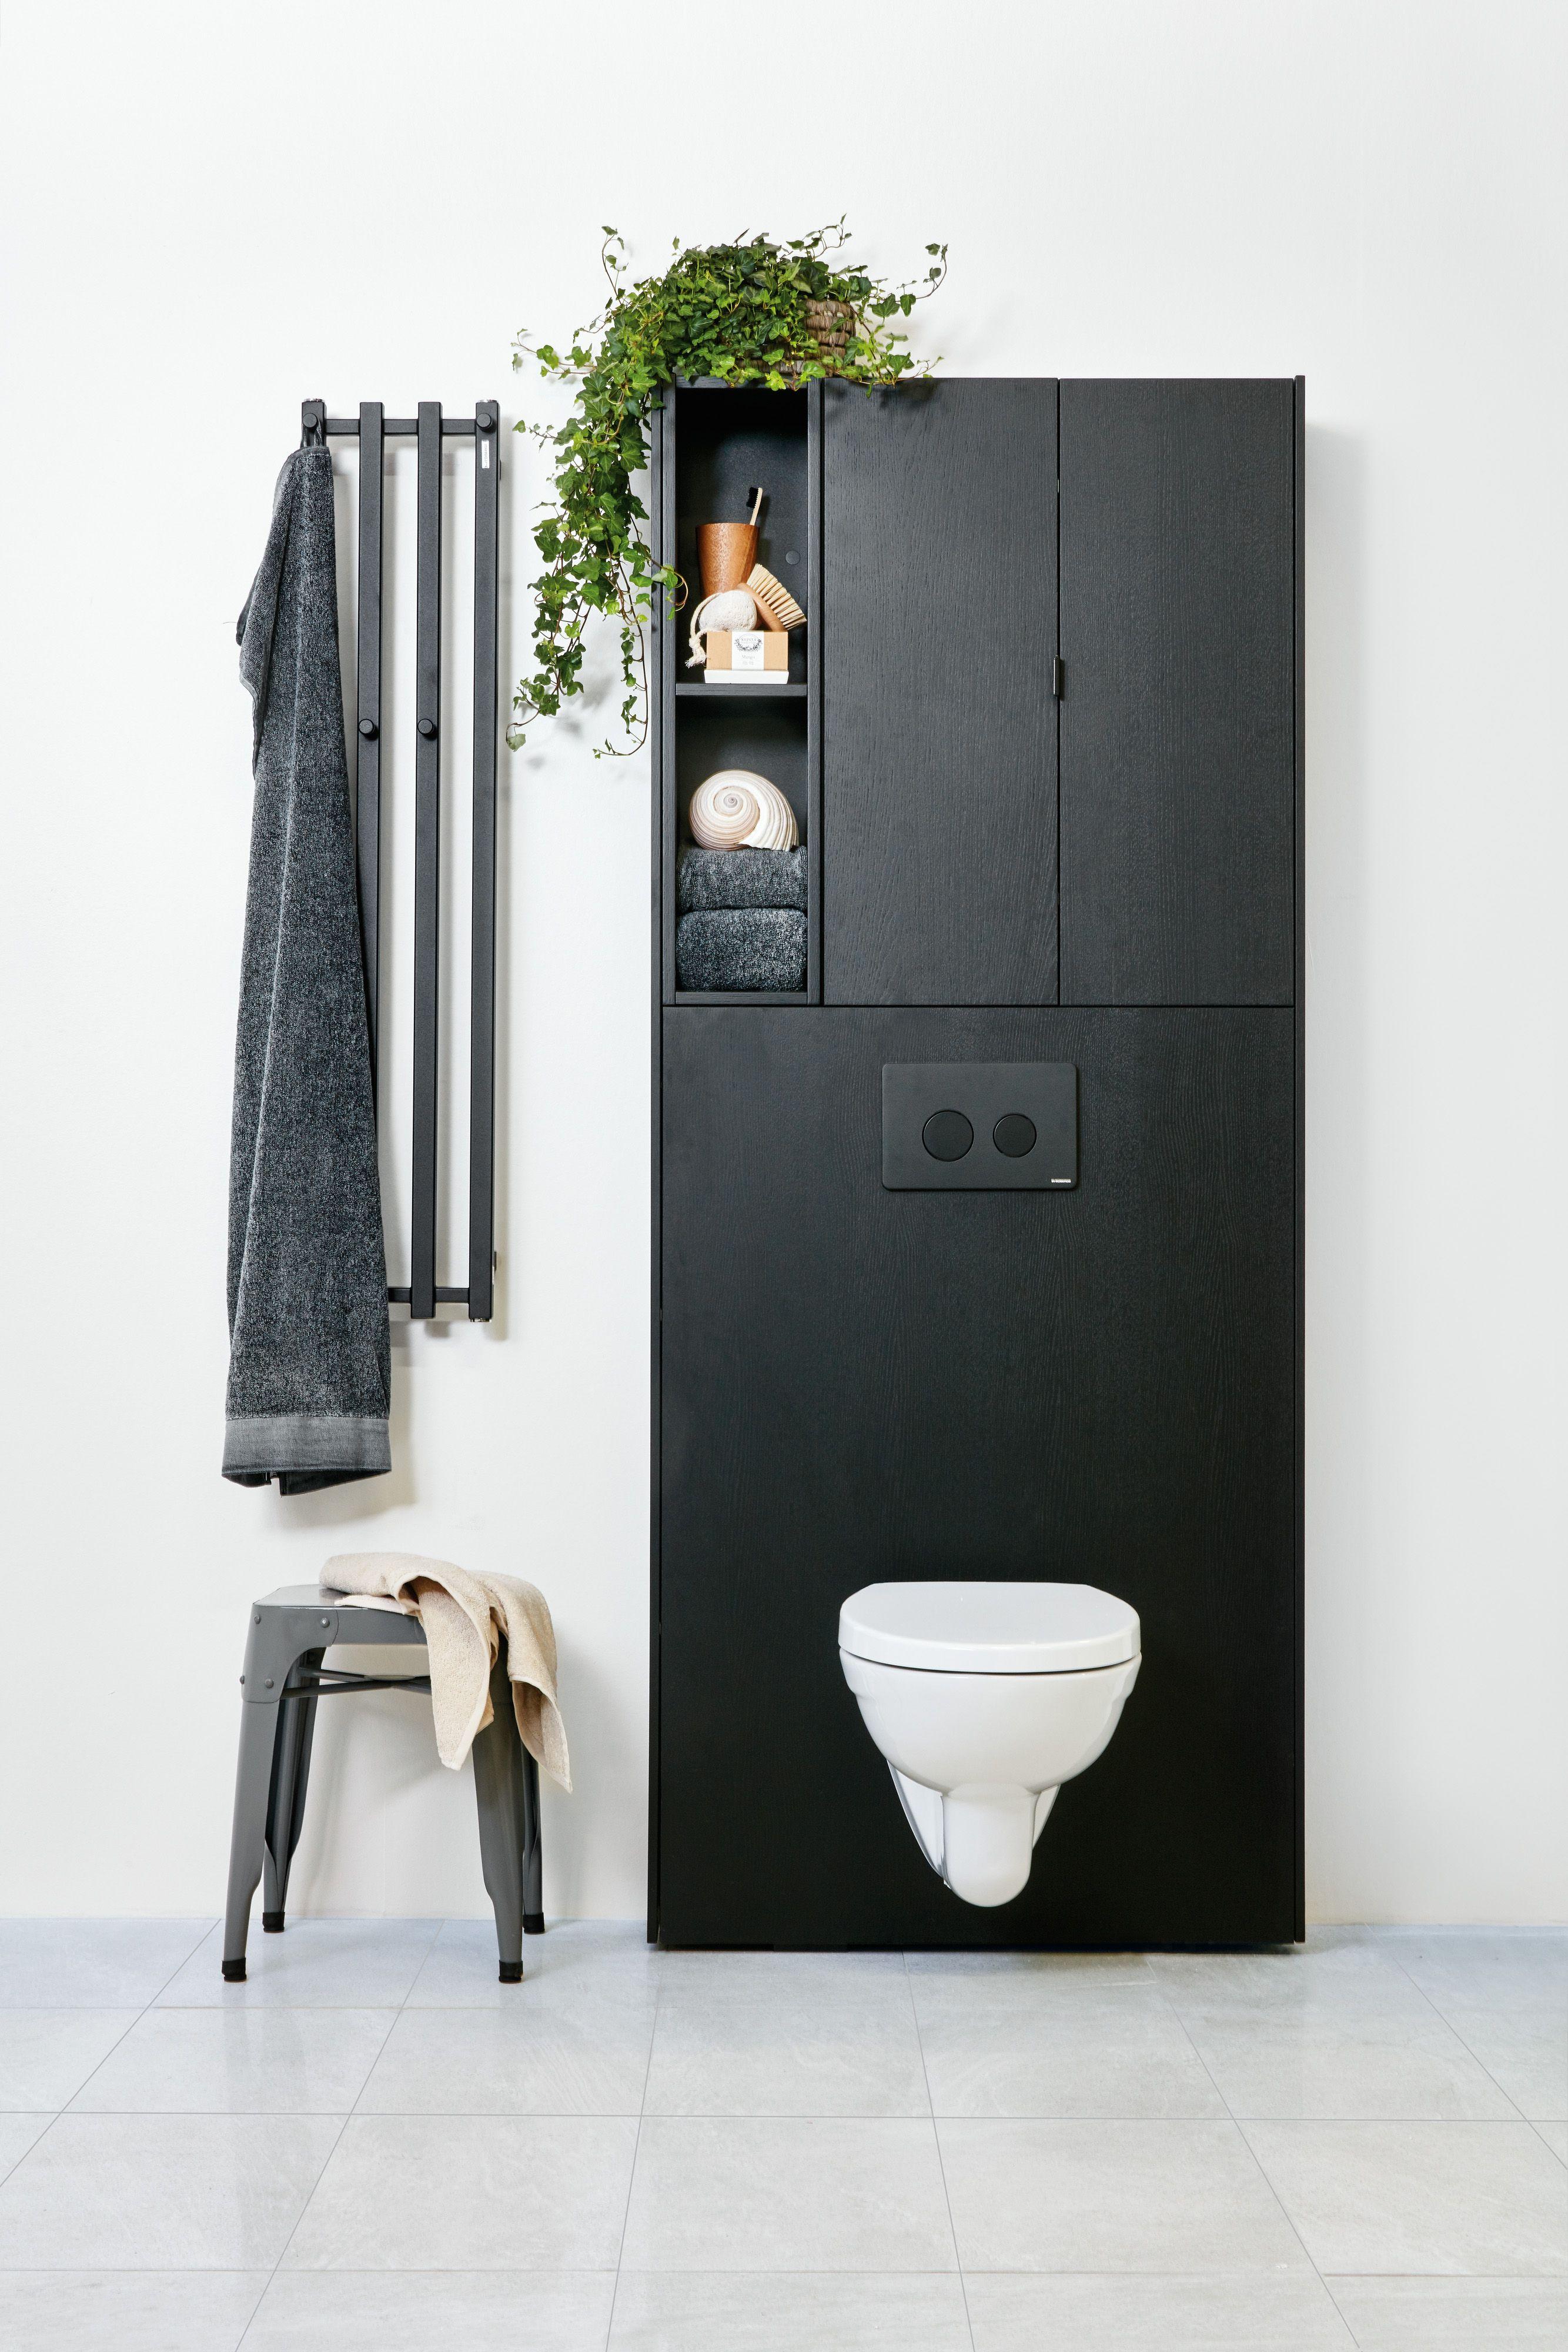 Bathroom Furniture Badrum Mobler Toalet Wc Toilet Black